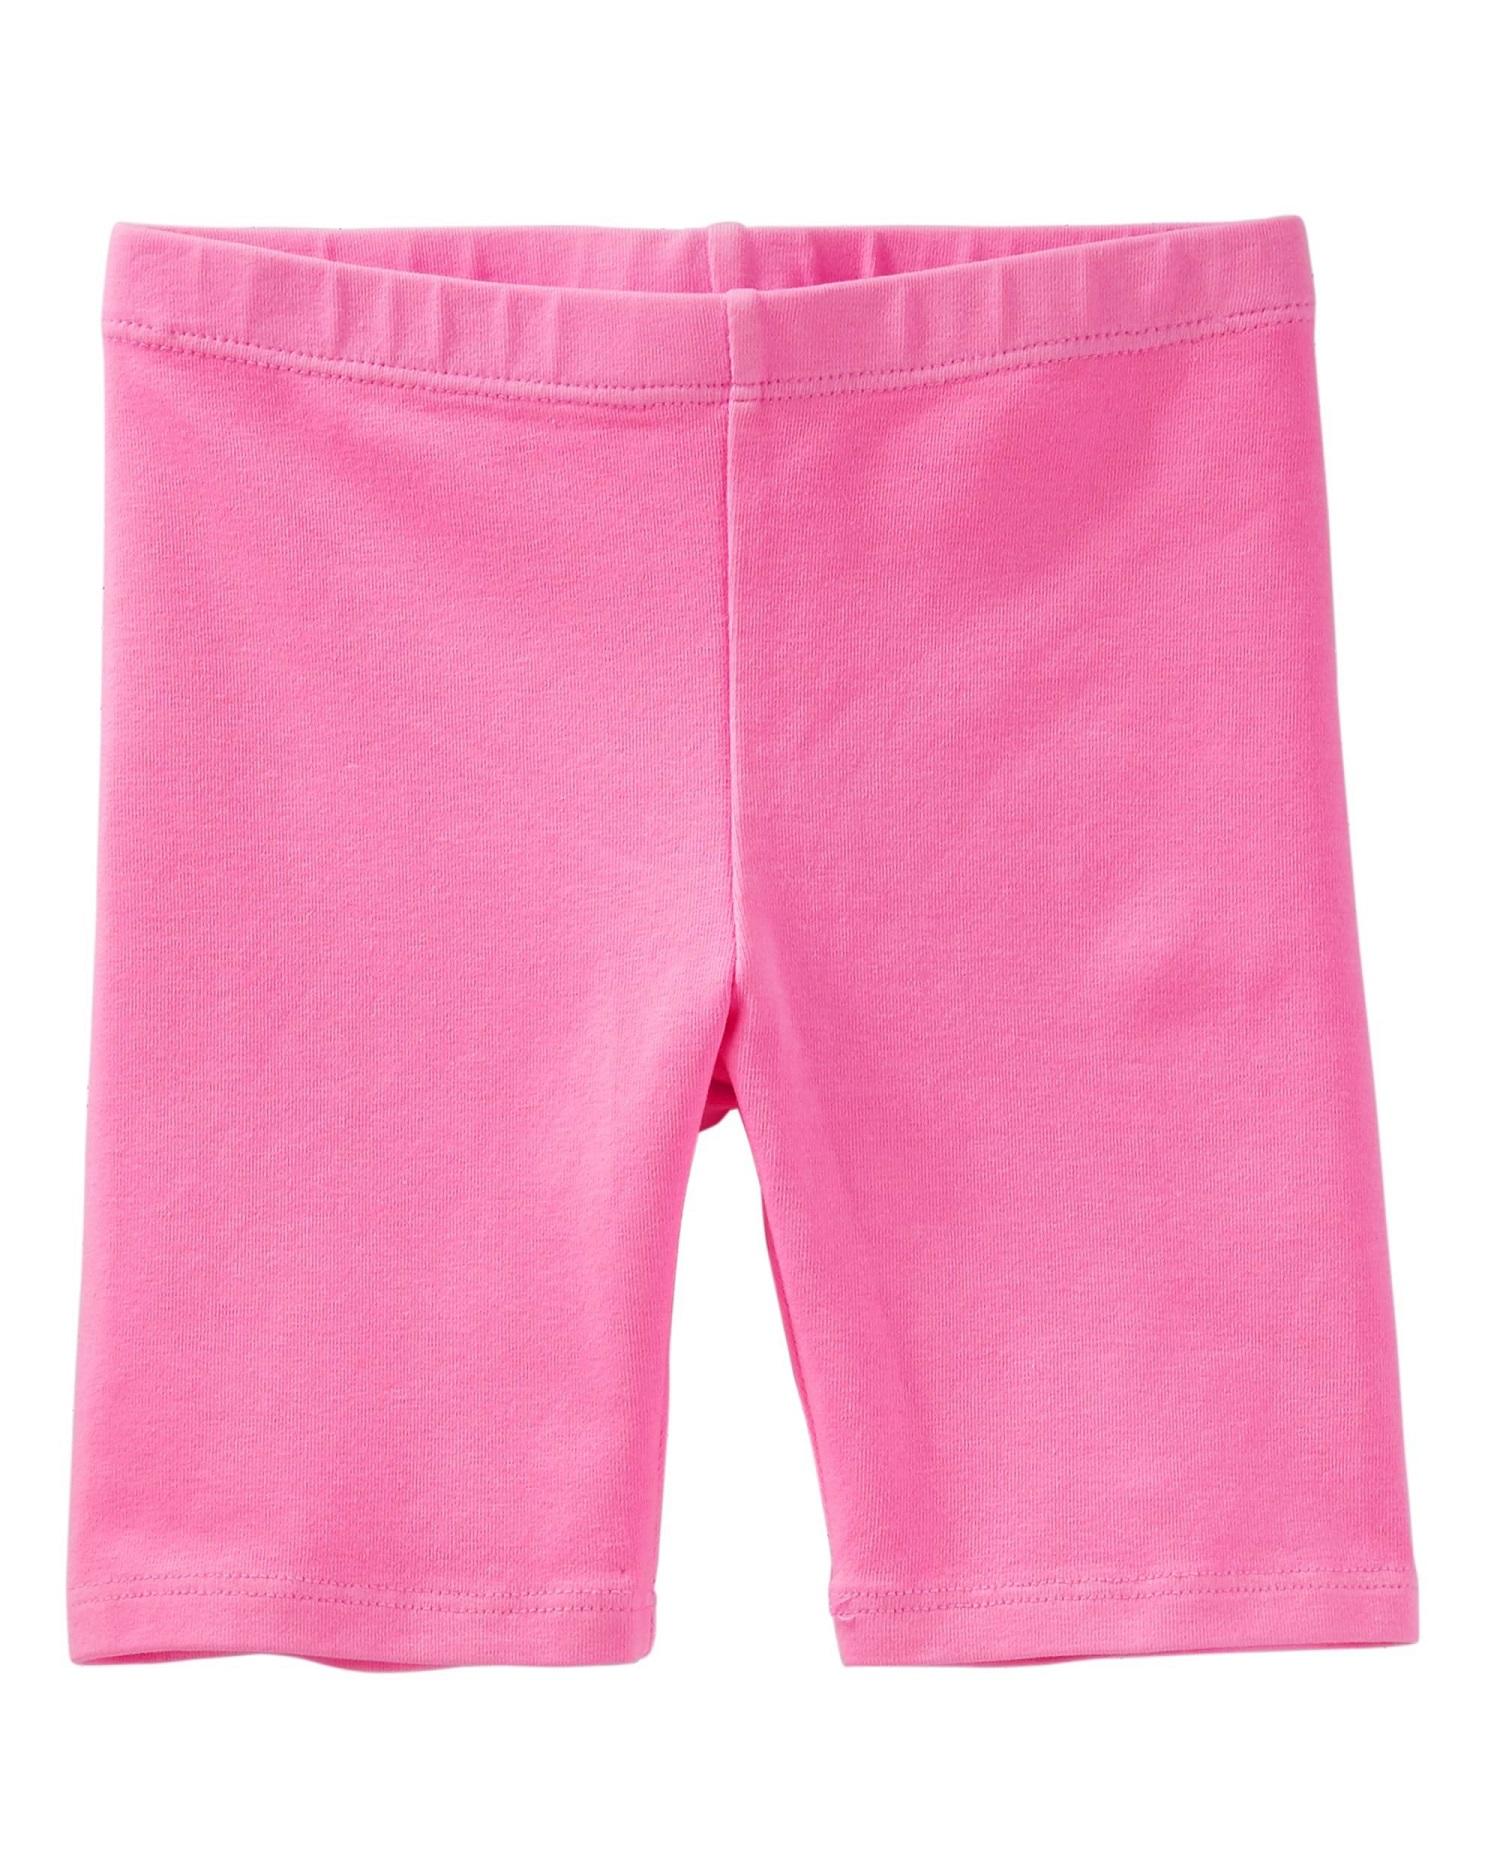 OshKosh B'gosh Baby Girls' Playground Shorts, Pink, 6-9 Months